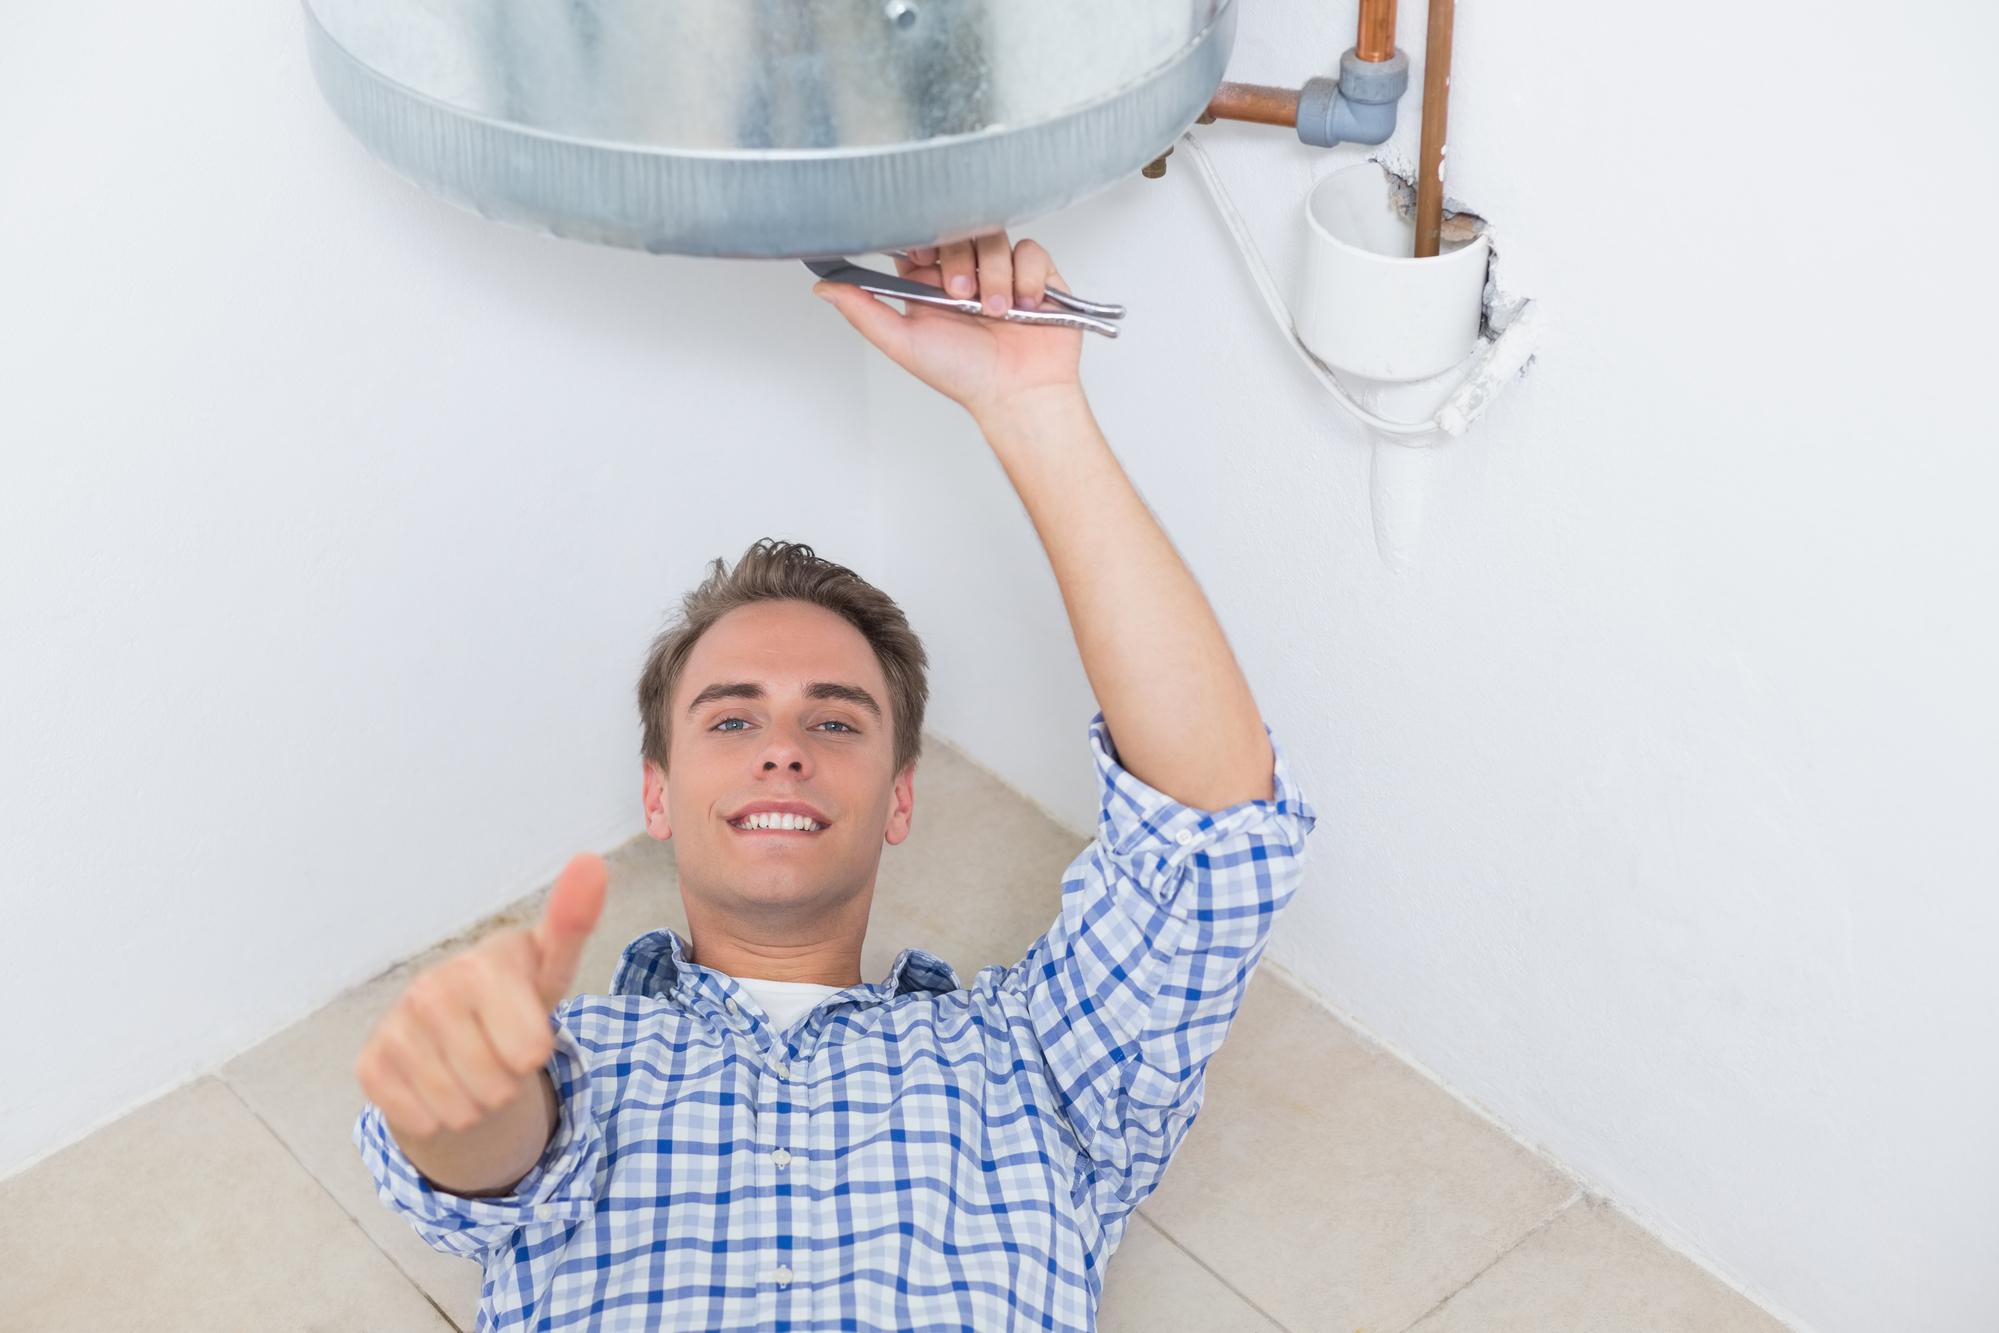 hot-water-heater-repairman